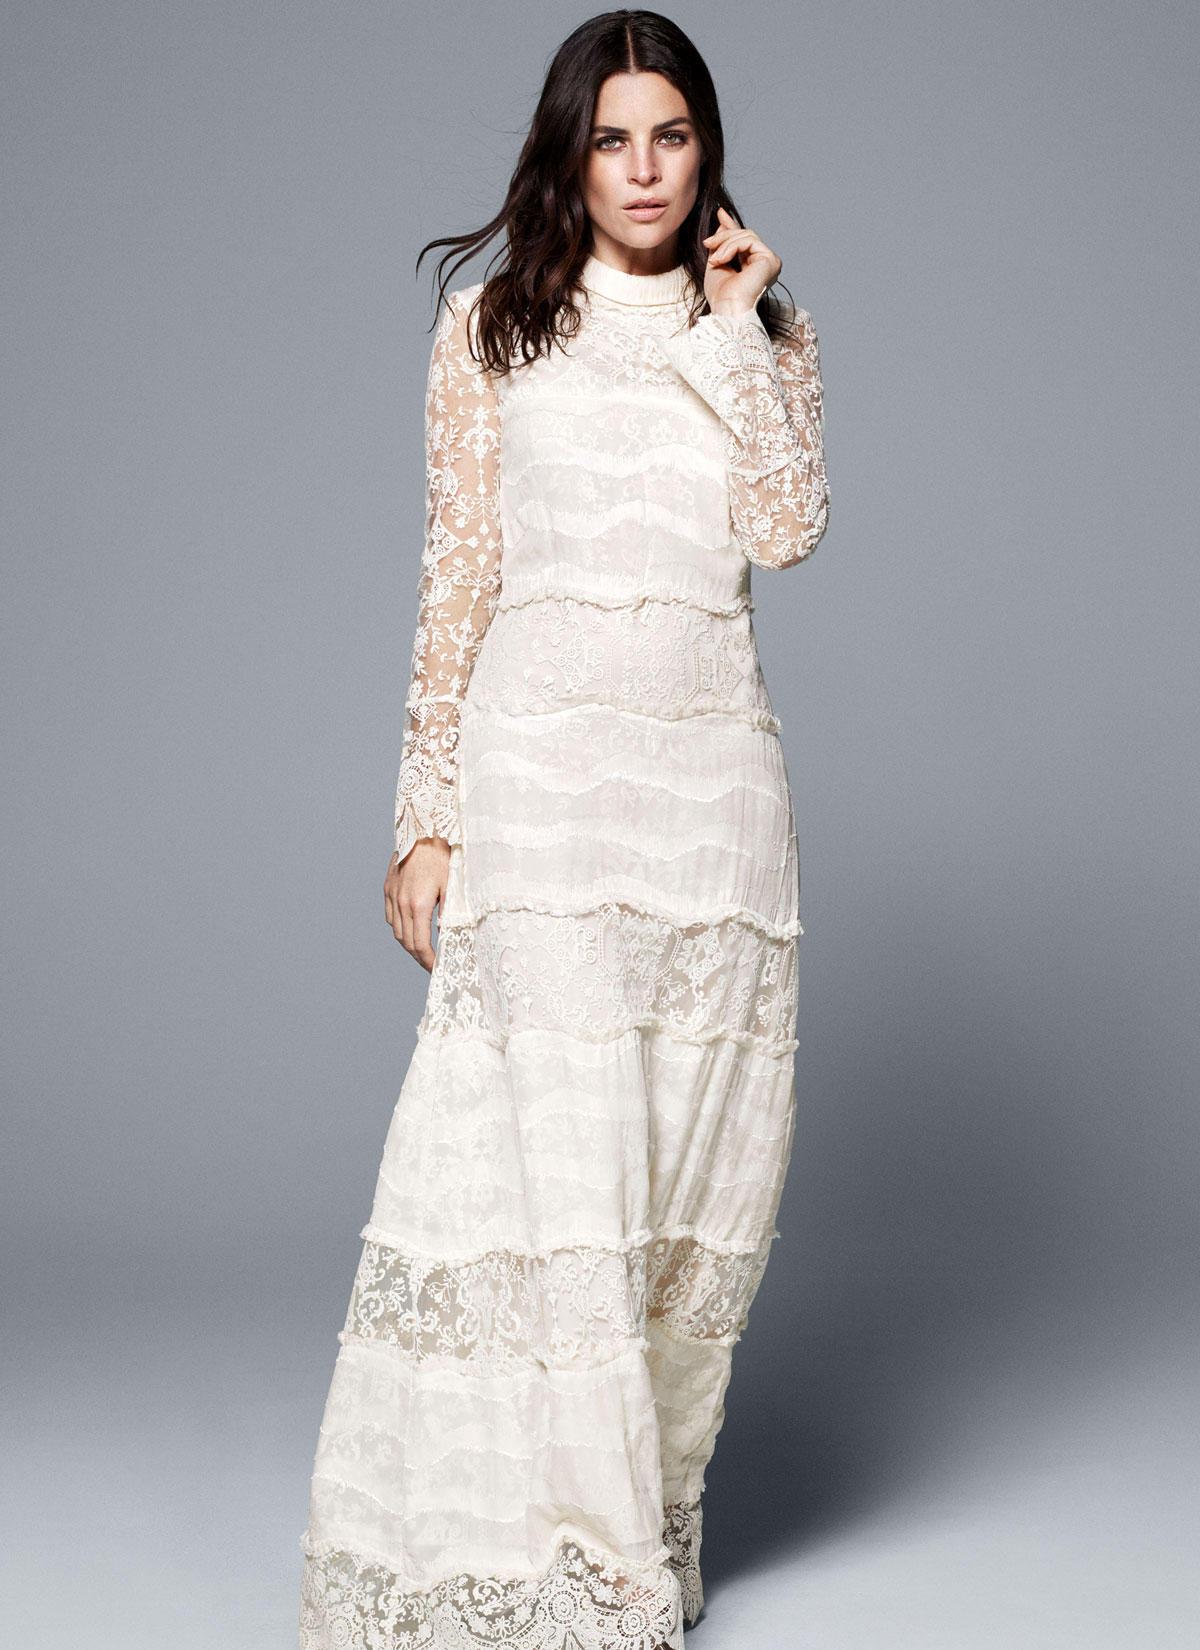 Günstige Brautkleider: Hochzeitskleider von H+M | GALA.de